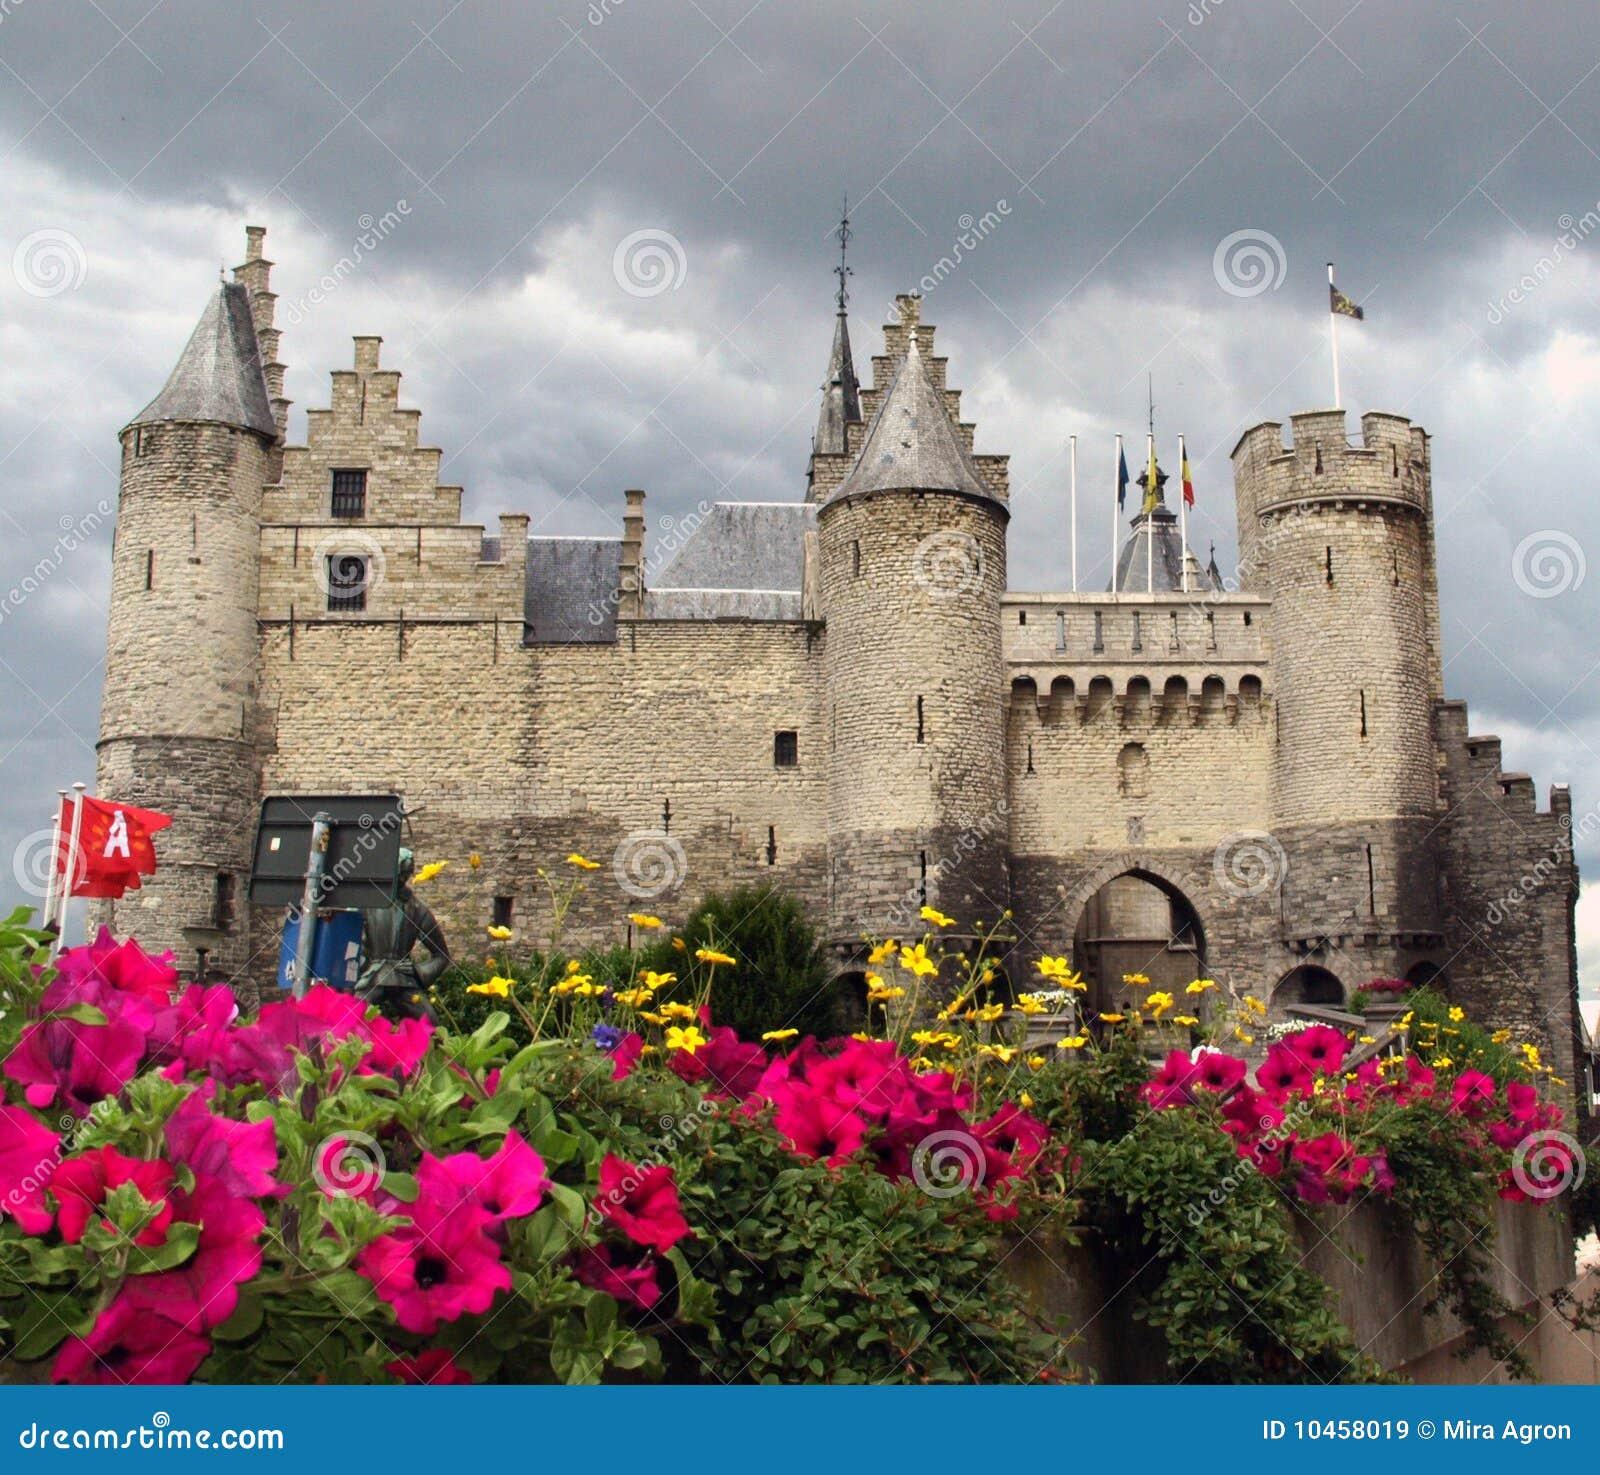 Steen Castle,Antwerp Belgium